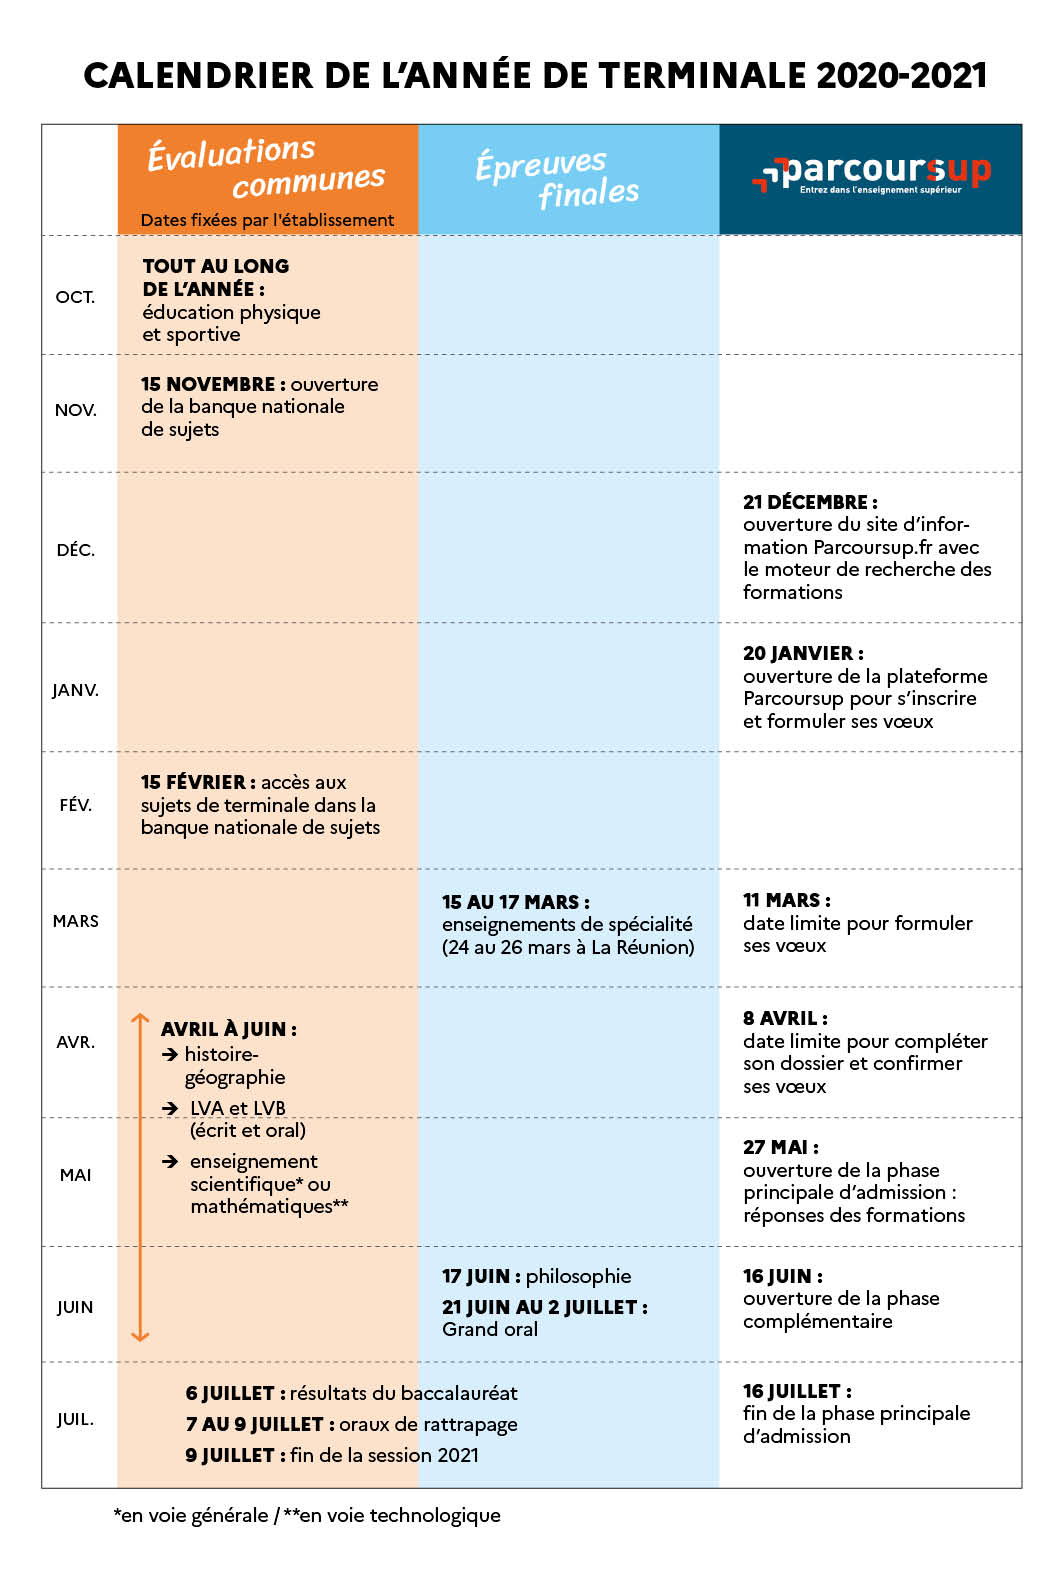 Calendrier Retraite Complémentaire 2021 Calendrier de l'année de terminale 2020 2021 : évaluations